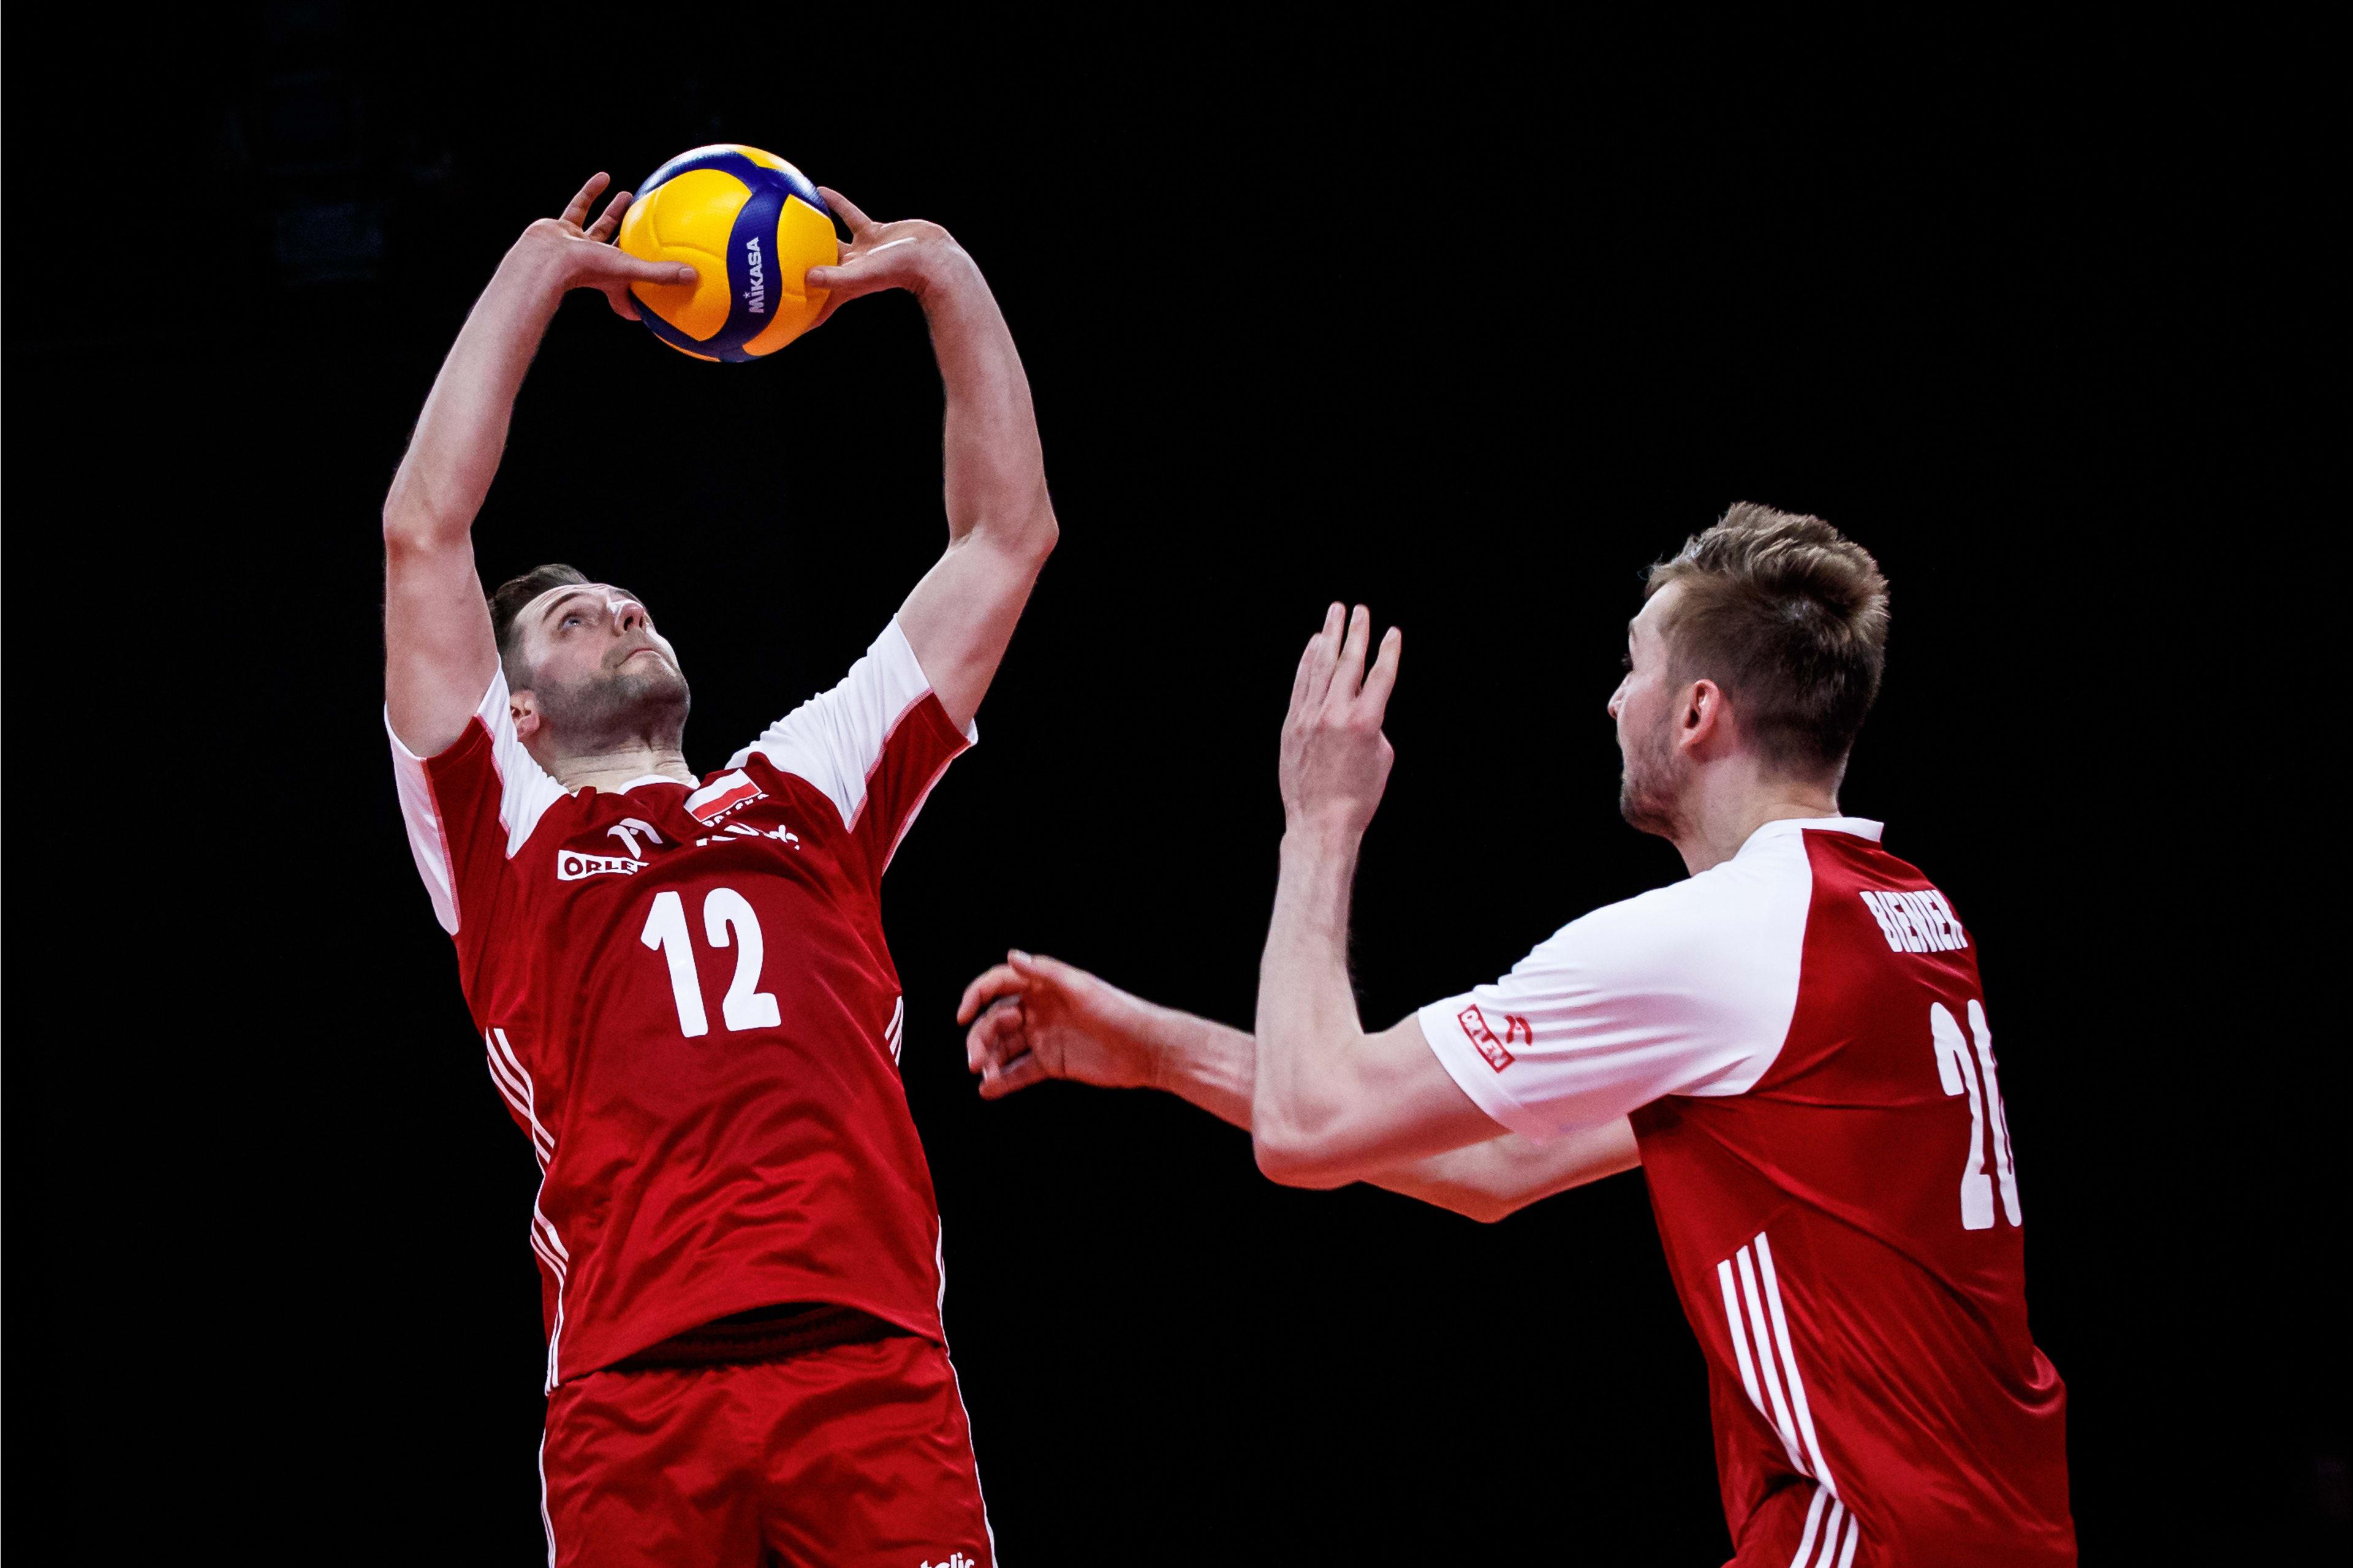 Siatkarze z Bełchatowa w kadrze olimpijskiej reprezentacji Polski! - Zdjęcie główne